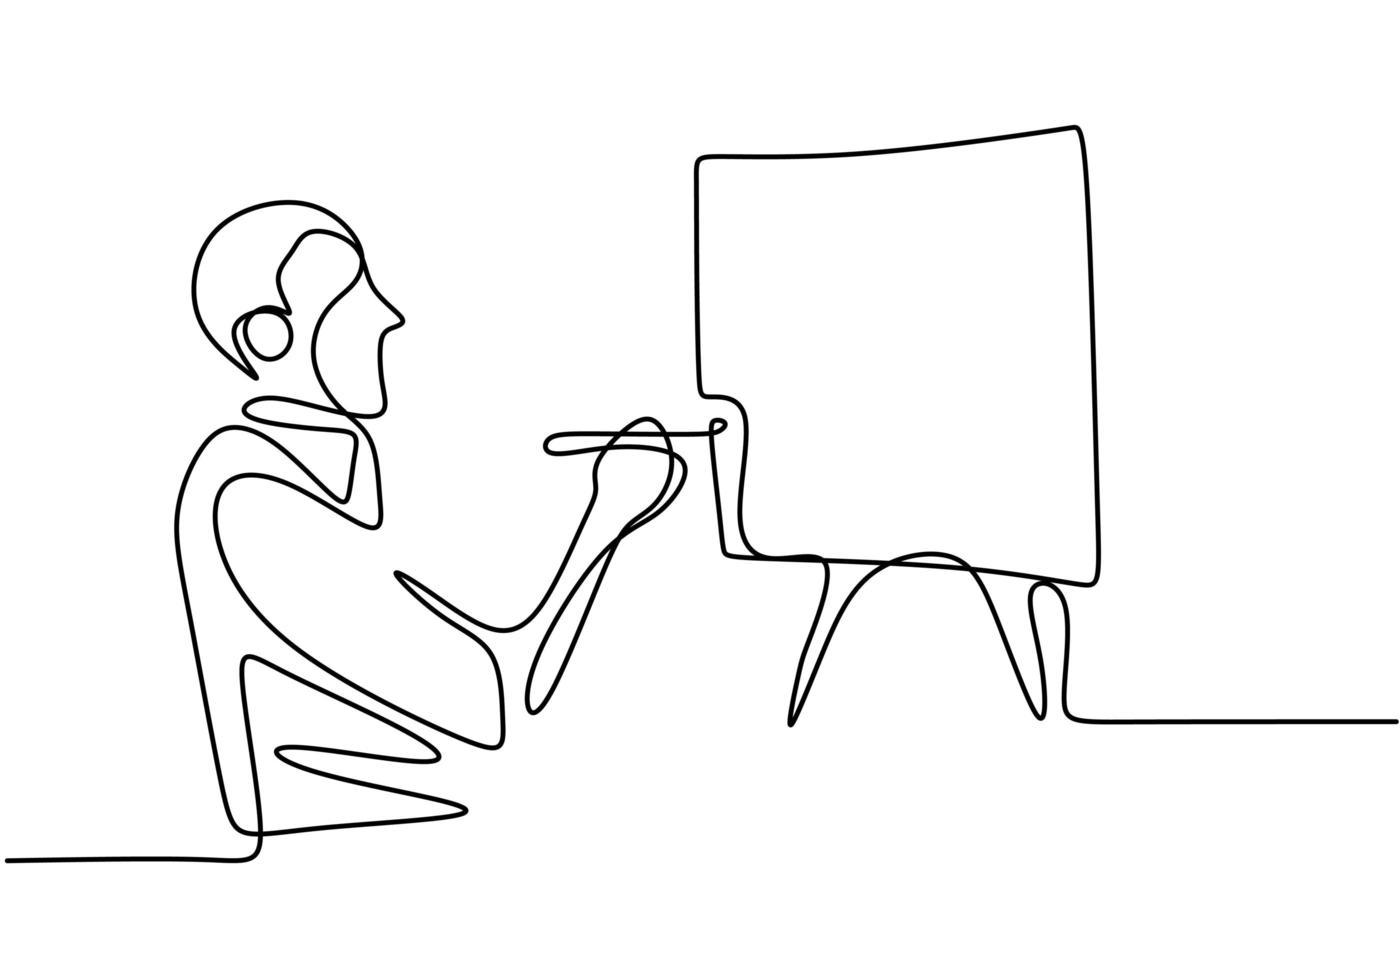 un hombre pintando una obra de arte sobre lienzo. pintor artista. arte continuo de una sola línea de pintor. vector